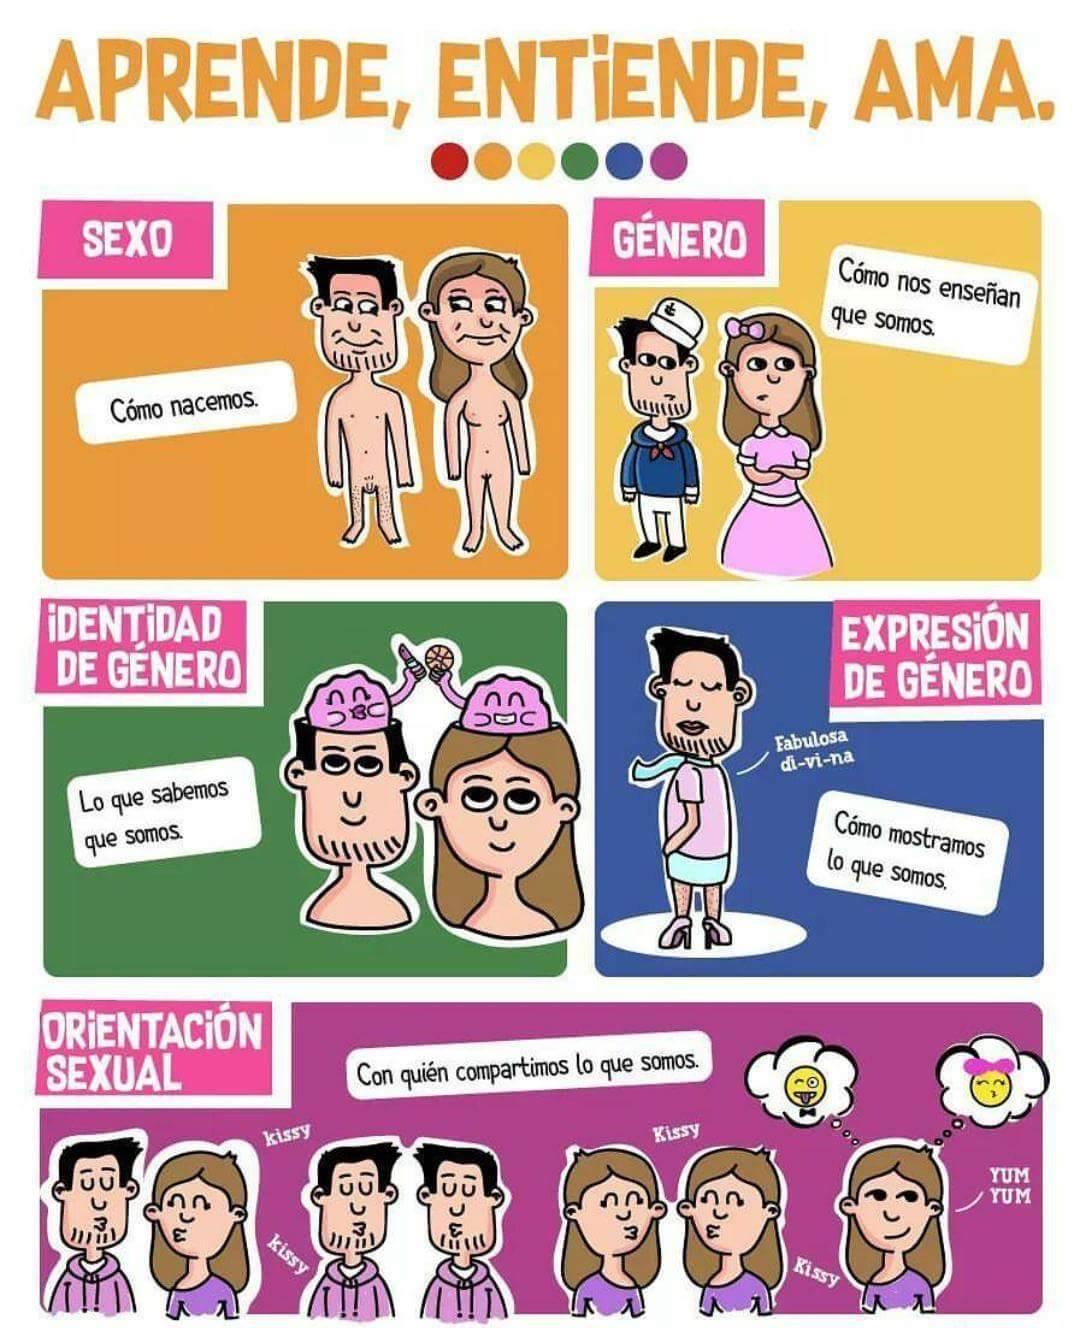 """Así califica la web del Instituto este cartel: """"Una maravillosa infografía que deja birn claro la distinción entre el Sexo, Género, Identidad, Expresión de Género y Orientaciones del deseo. Qué viva la diversidad…"""""""